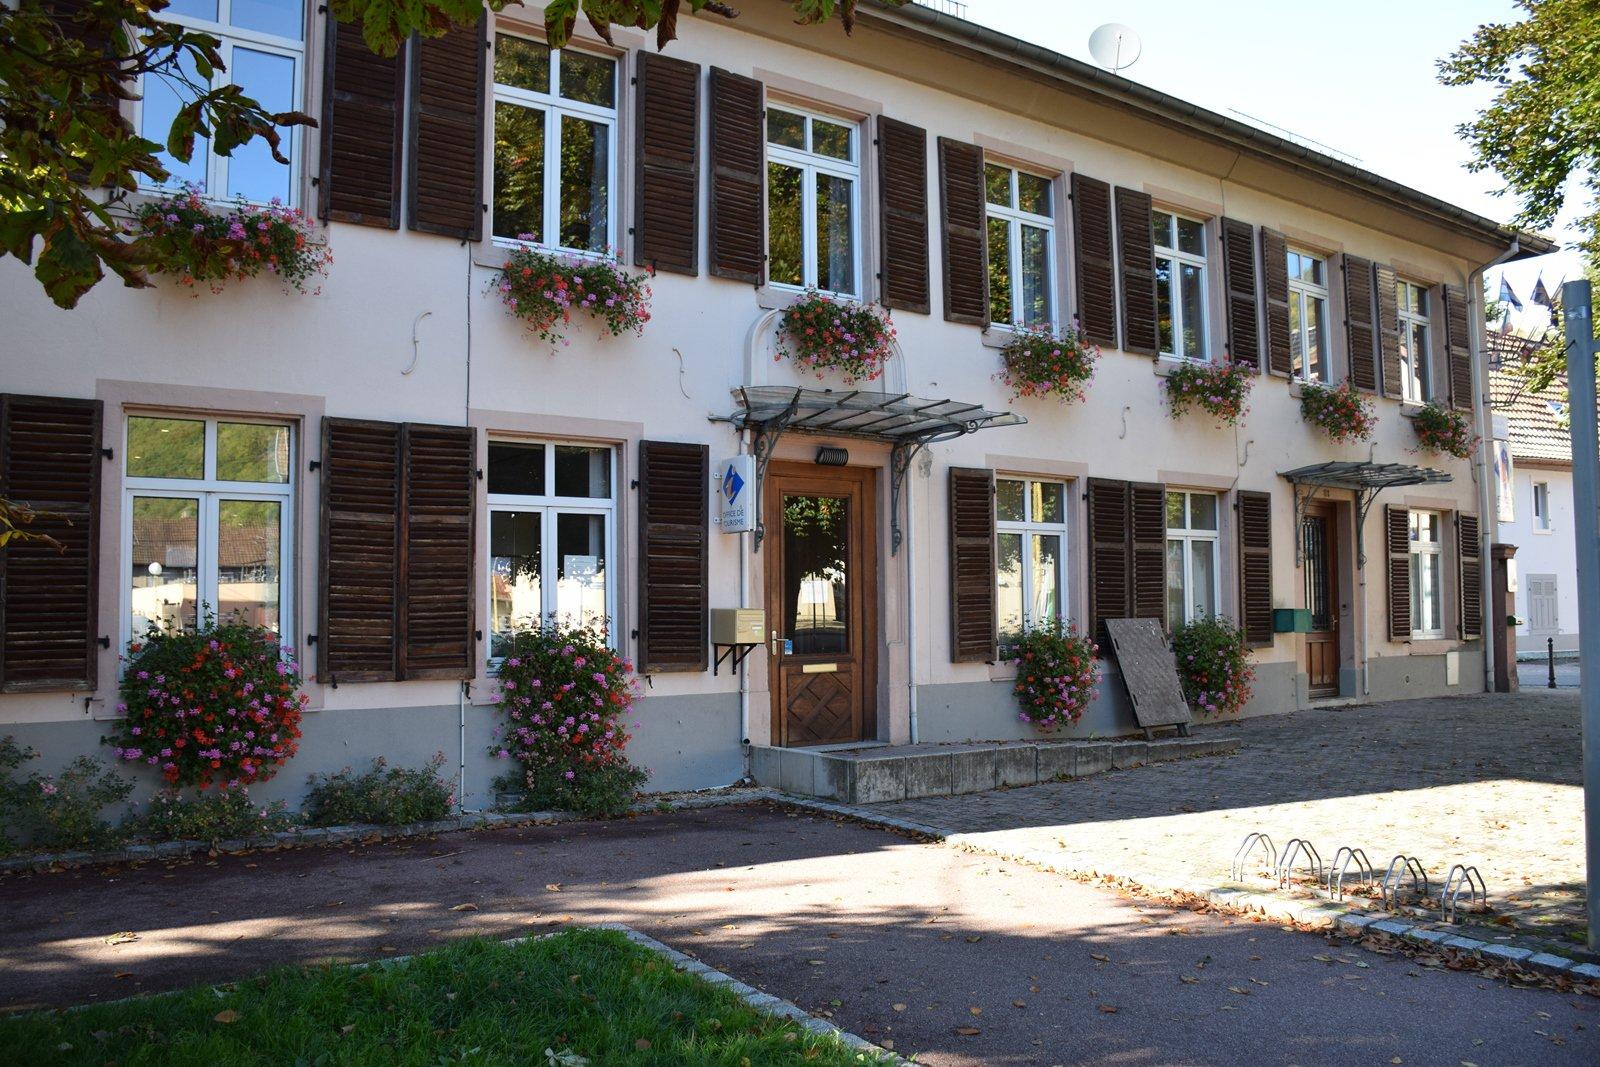 Office de tourisme de la vall e de saint amarin saint amarin - Office de tourisme saint yrieix la perche ...